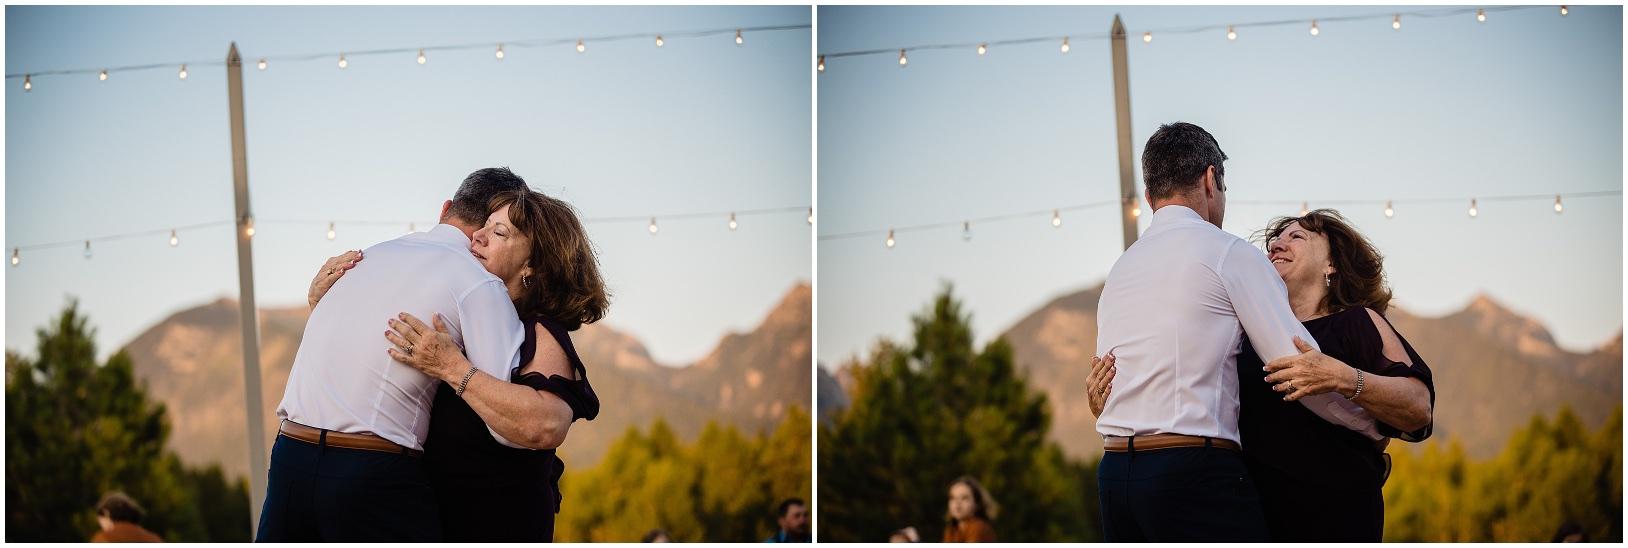 lindseyjane_weddings0143.jpg